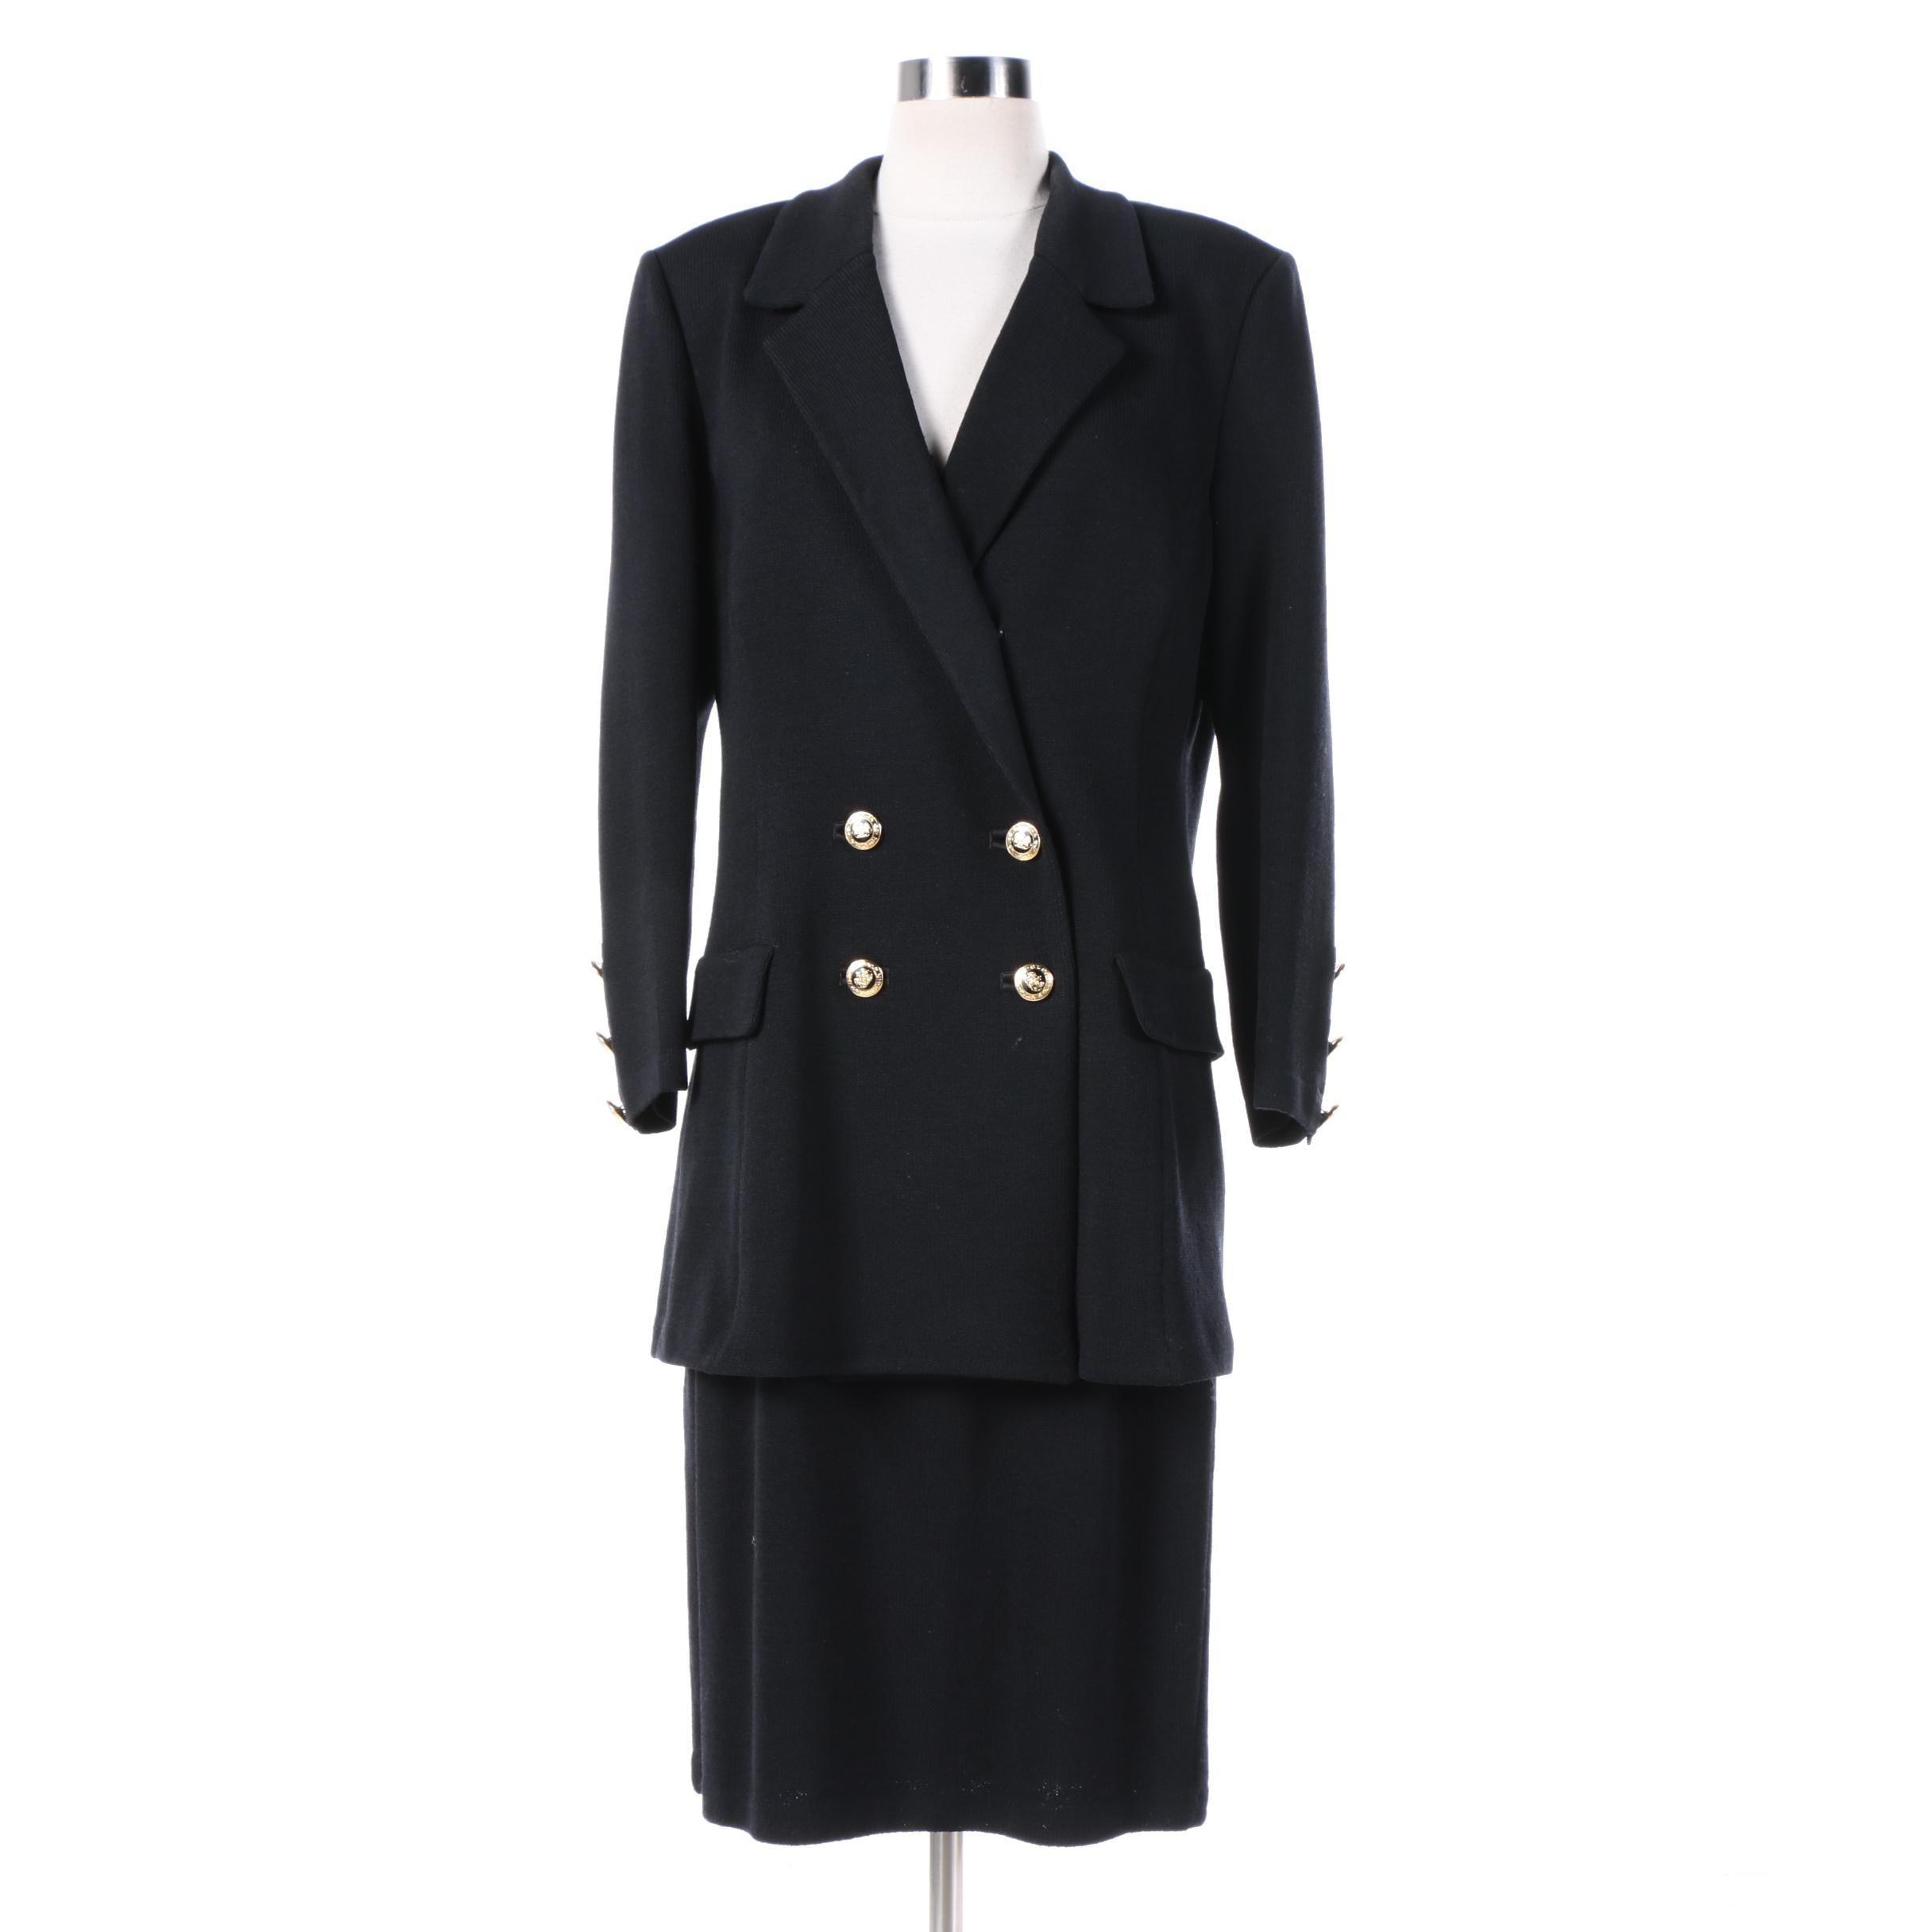 Women S St John Basics Black Knit Double Breasted Skirt Suit Ebth